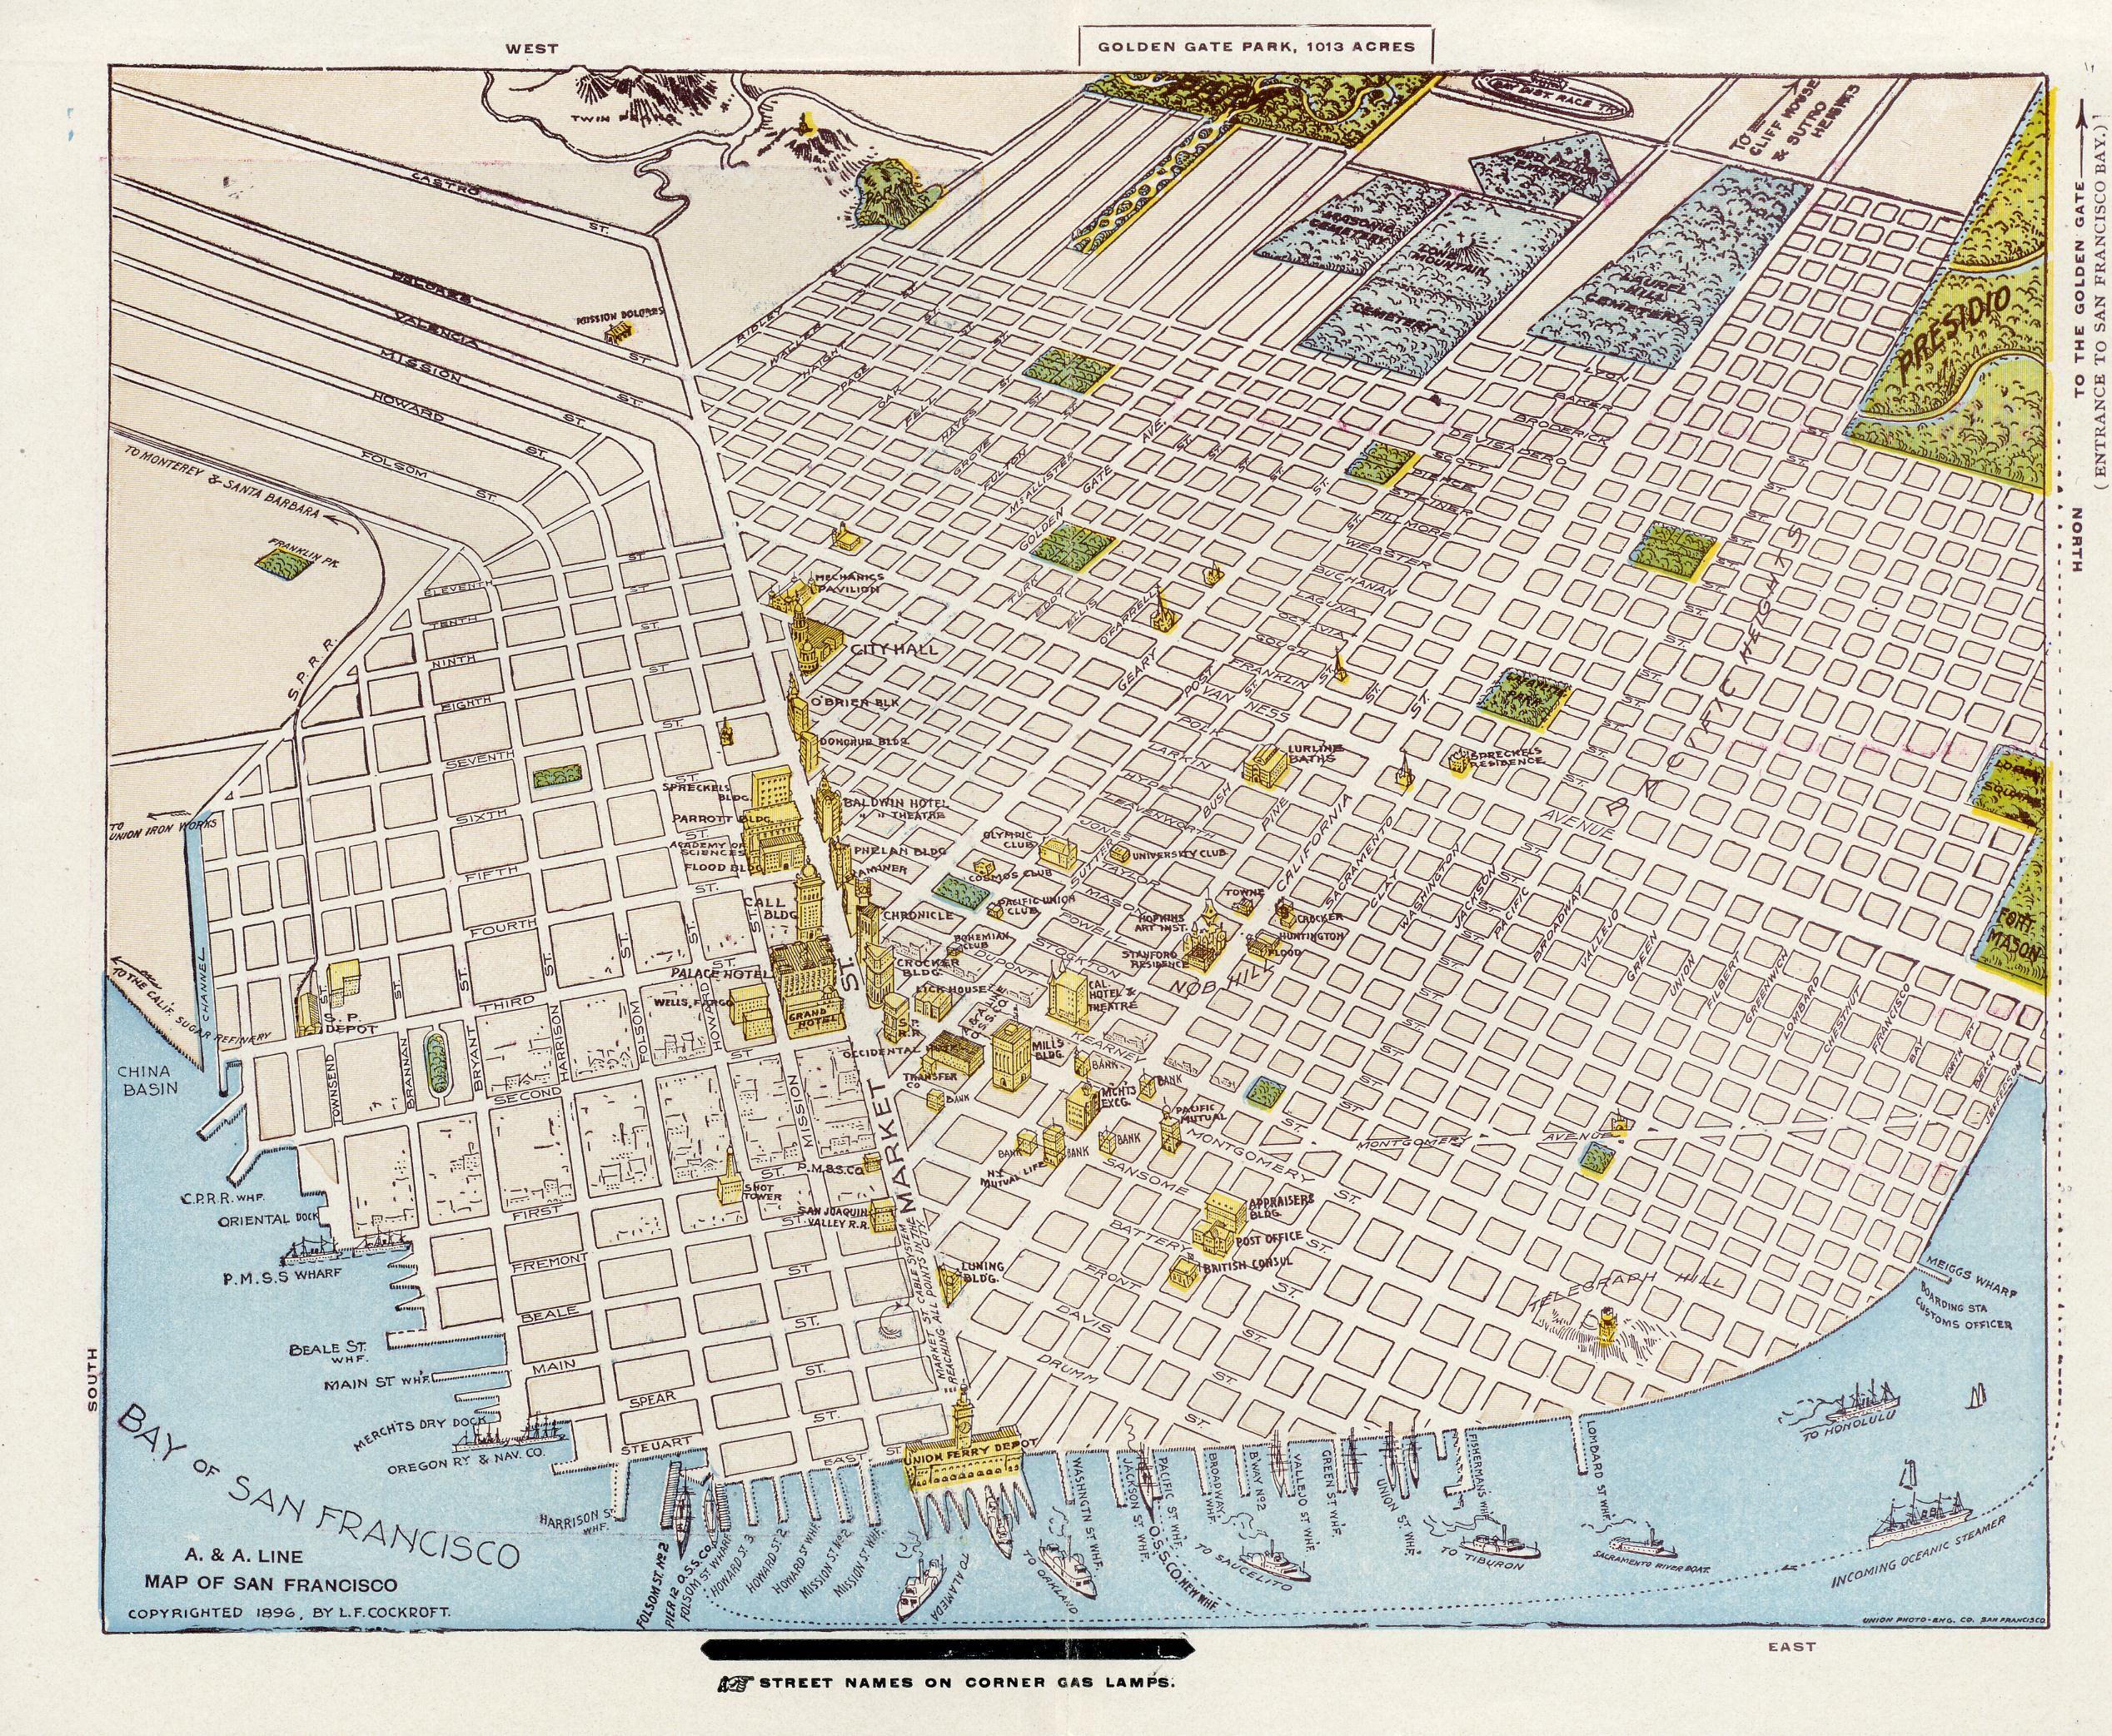 1896 A color birdseye view of San Francisco via Golden Nugget